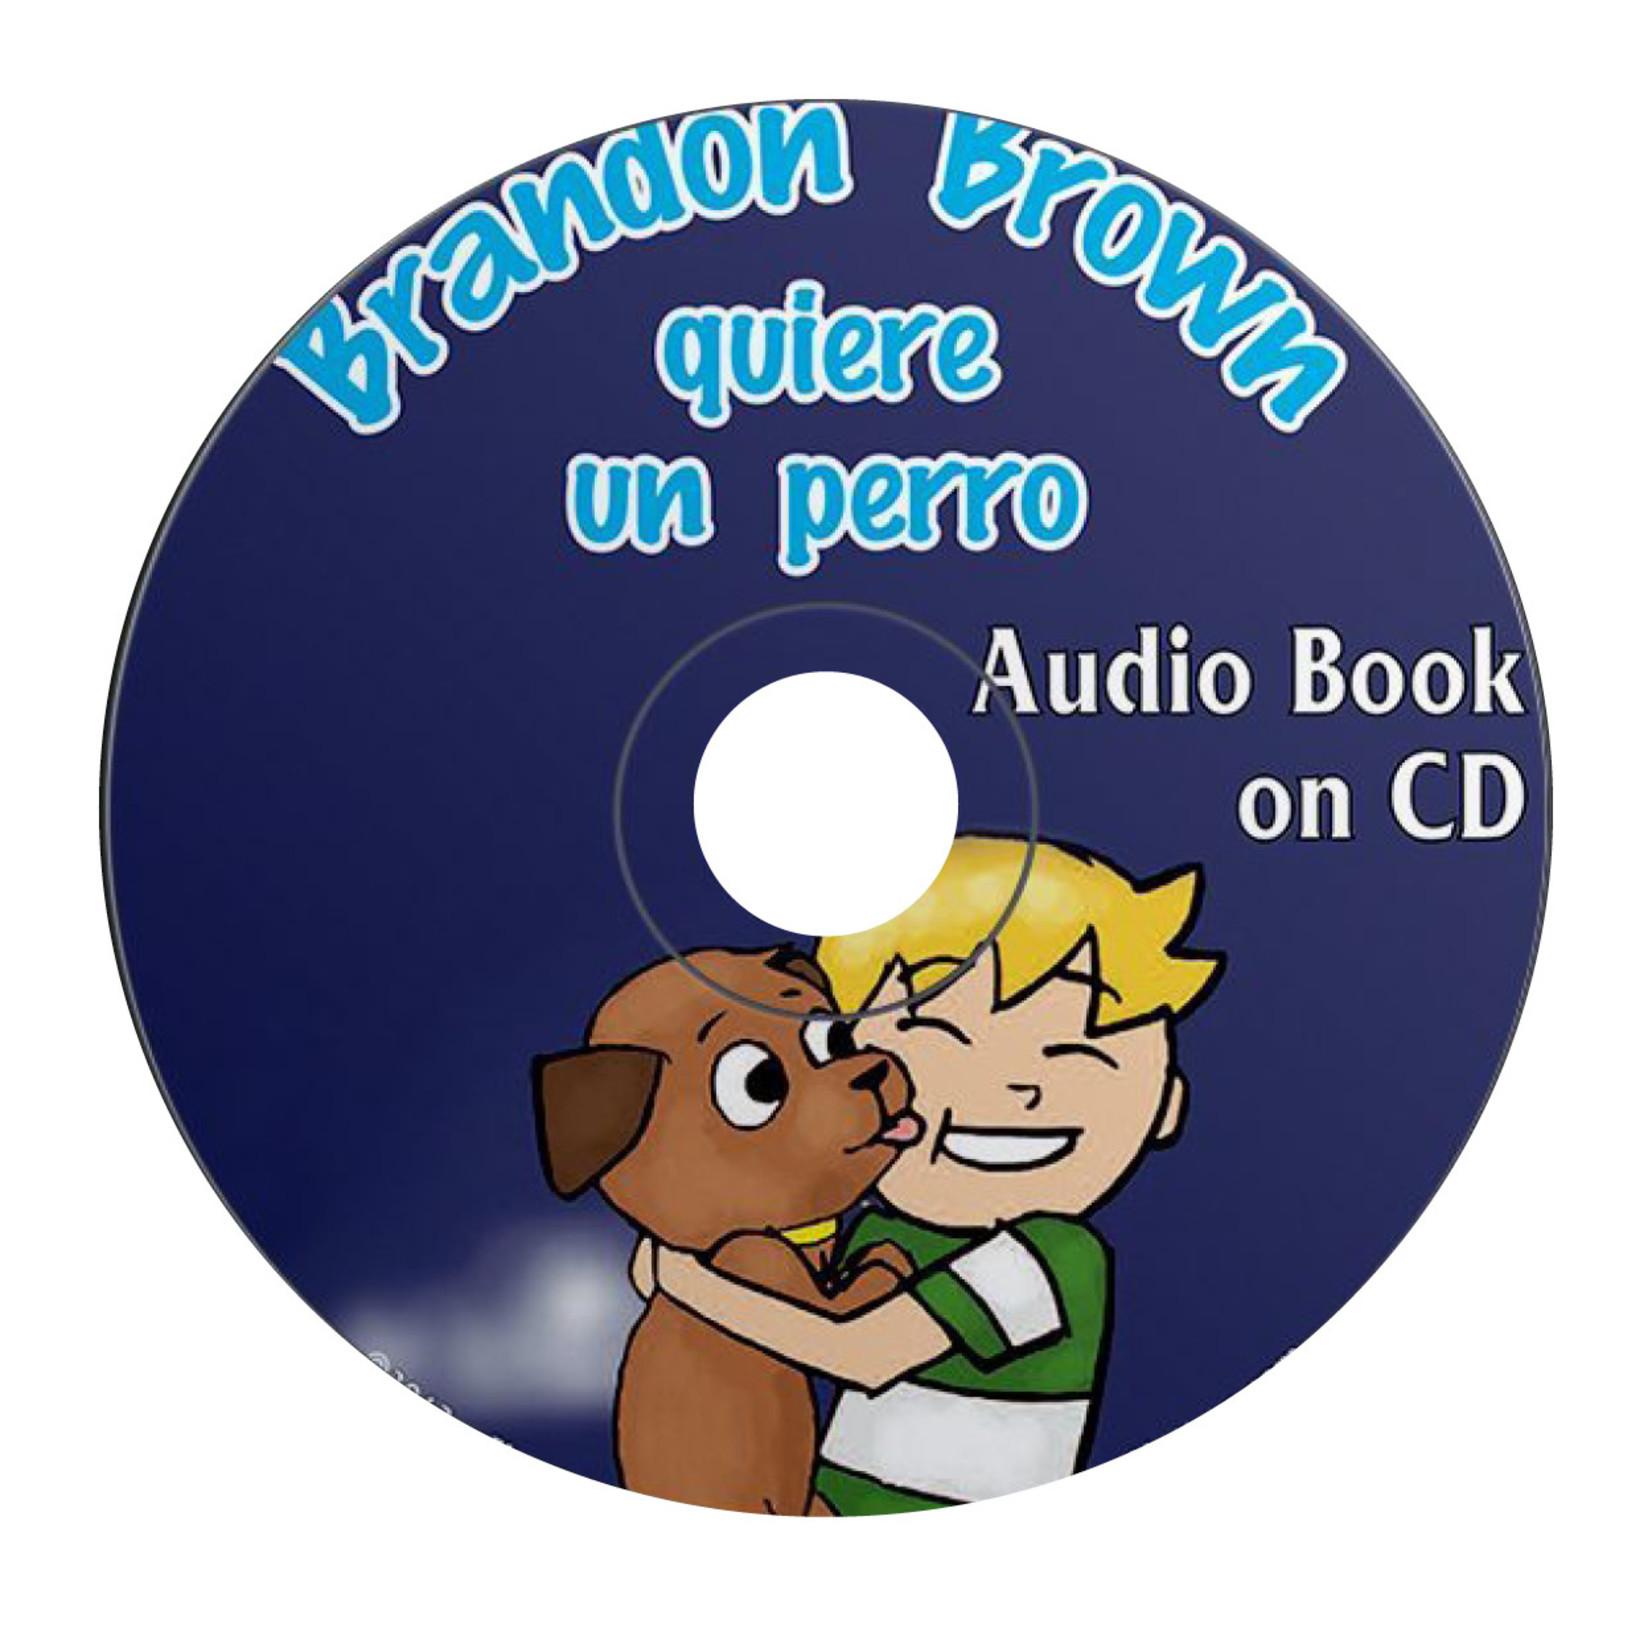 Fluency Matters Brandon Brown quiere un perro - Audiobook